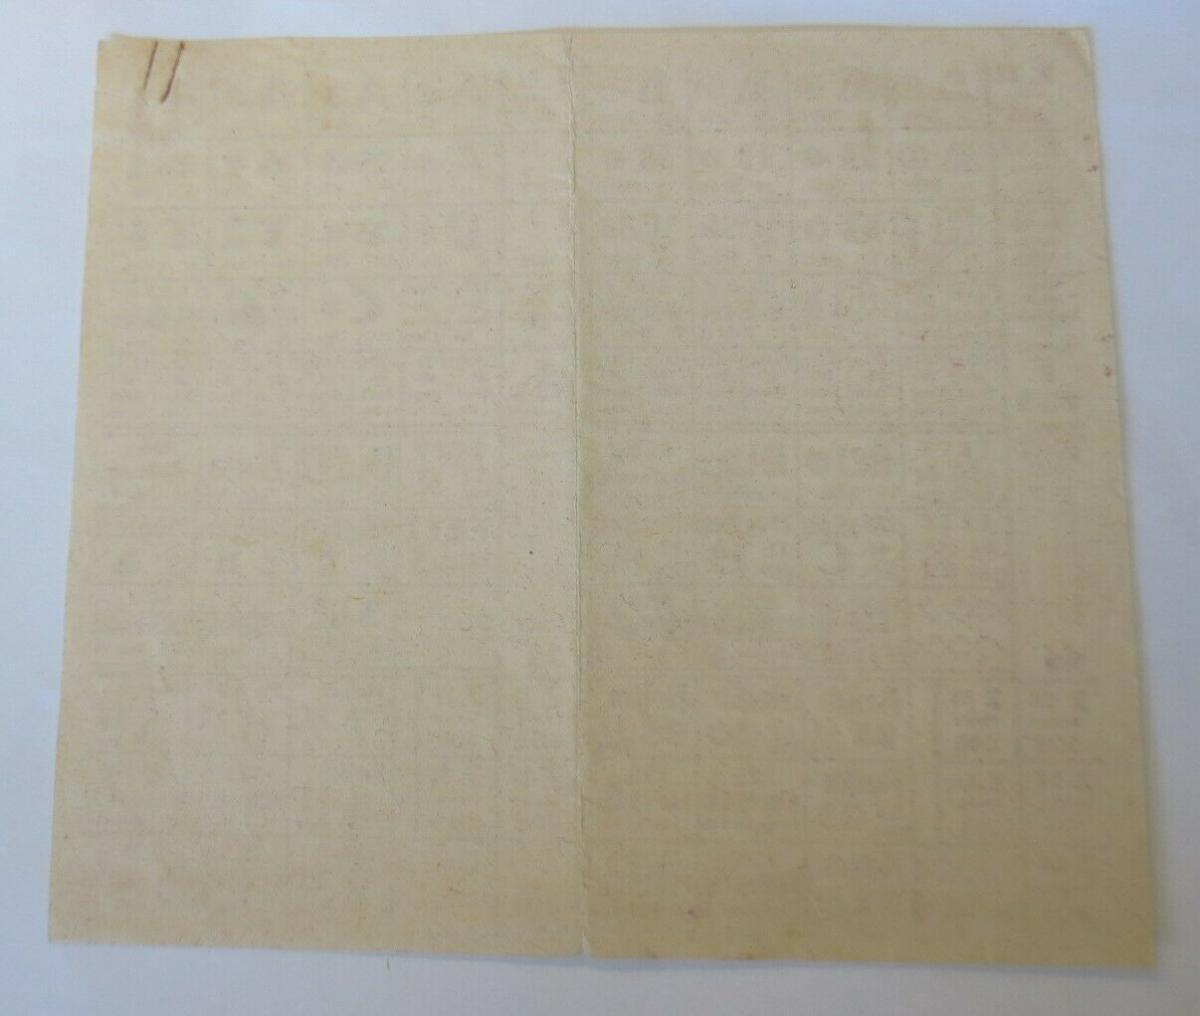 Lebensmittelkarten, Stadt Stuttgart  Brot, Fleisch, Butter, Fett, 1920 ♥ (X173) 1